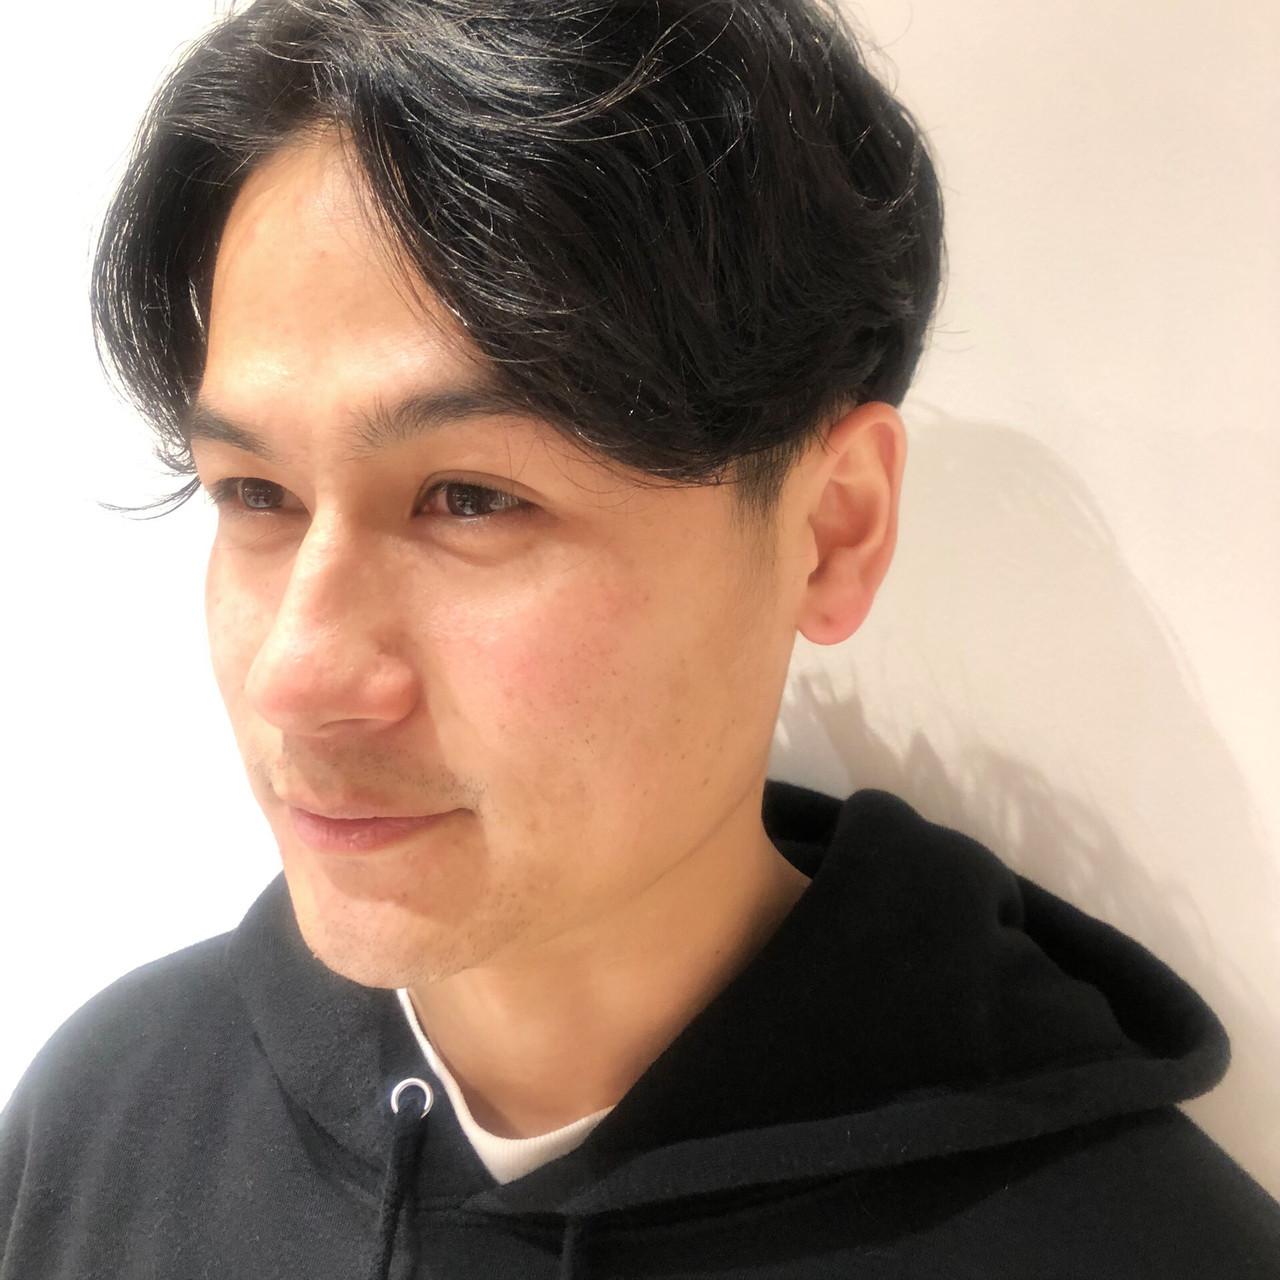 メンズパーマ メンズ センターパート ナチュラル ヘアスタイルや髪型の写真・画像